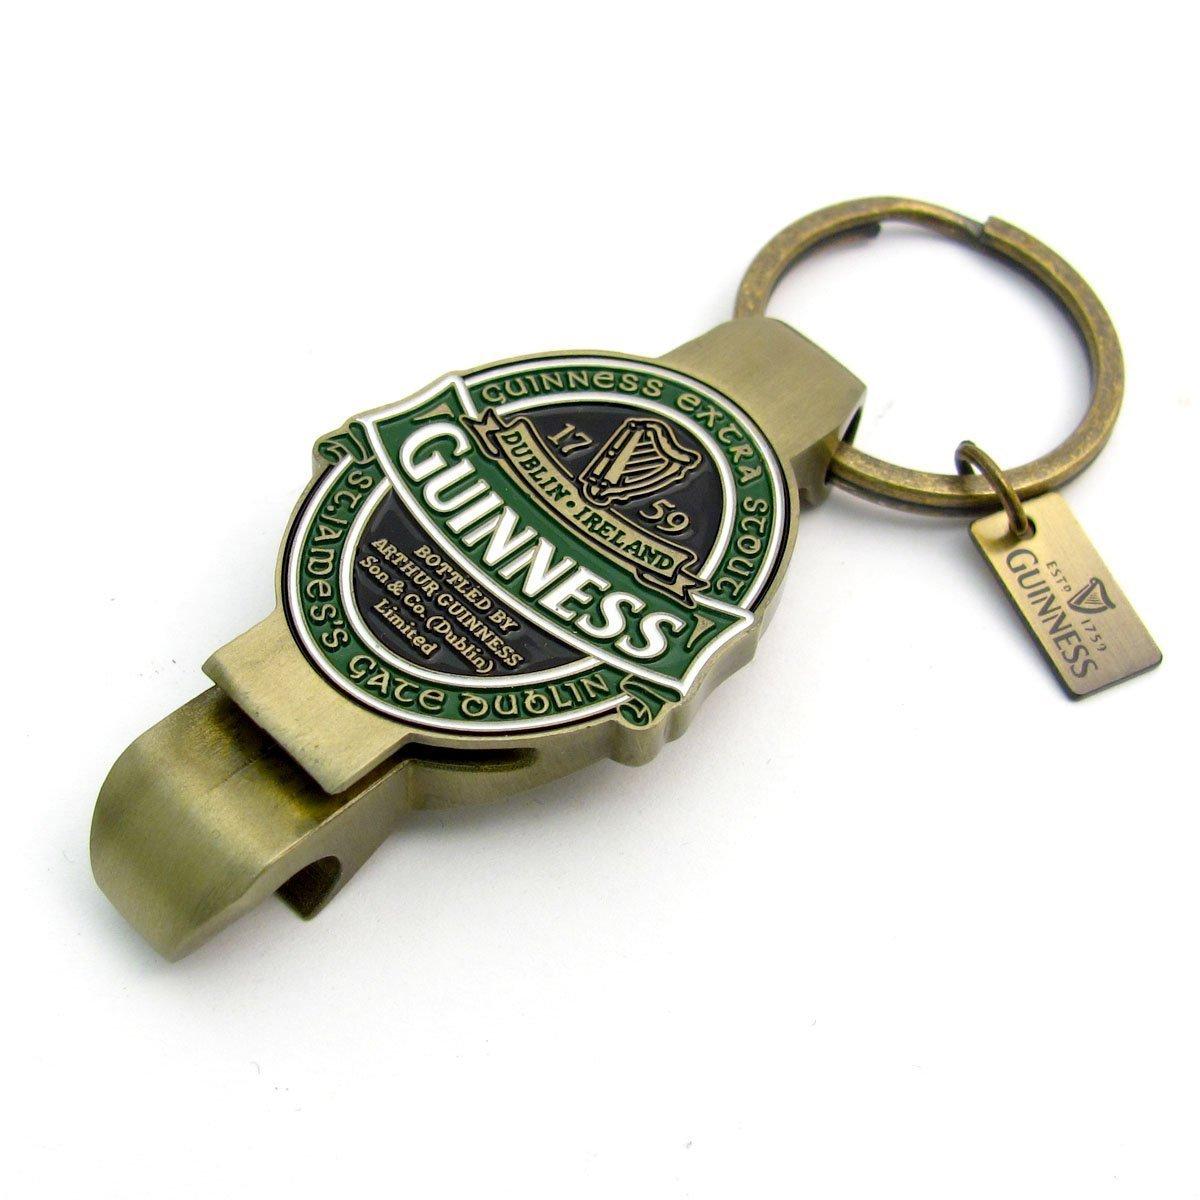 Guinness St James Gate Label Bottle Opener Key Ring